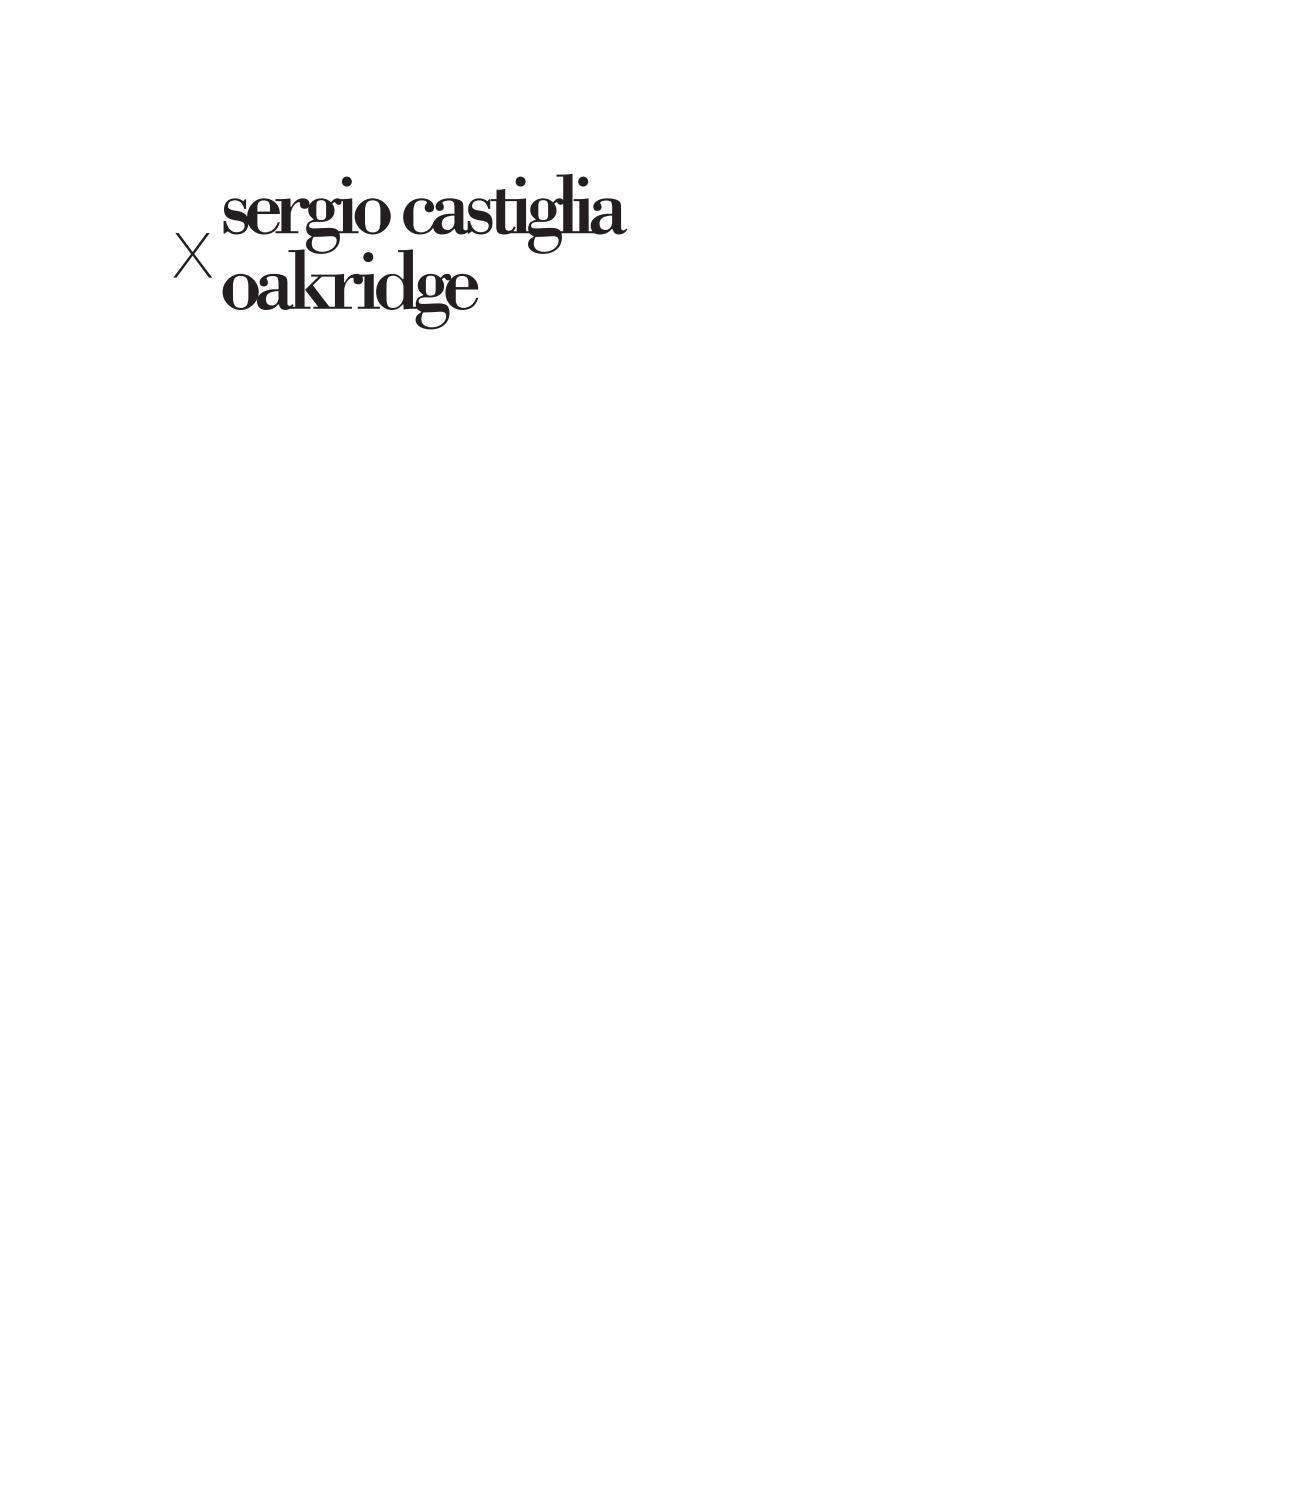 La Mia Città Ideale Test oakridge b3 - sergio castiglia by westbankcorp - issuu